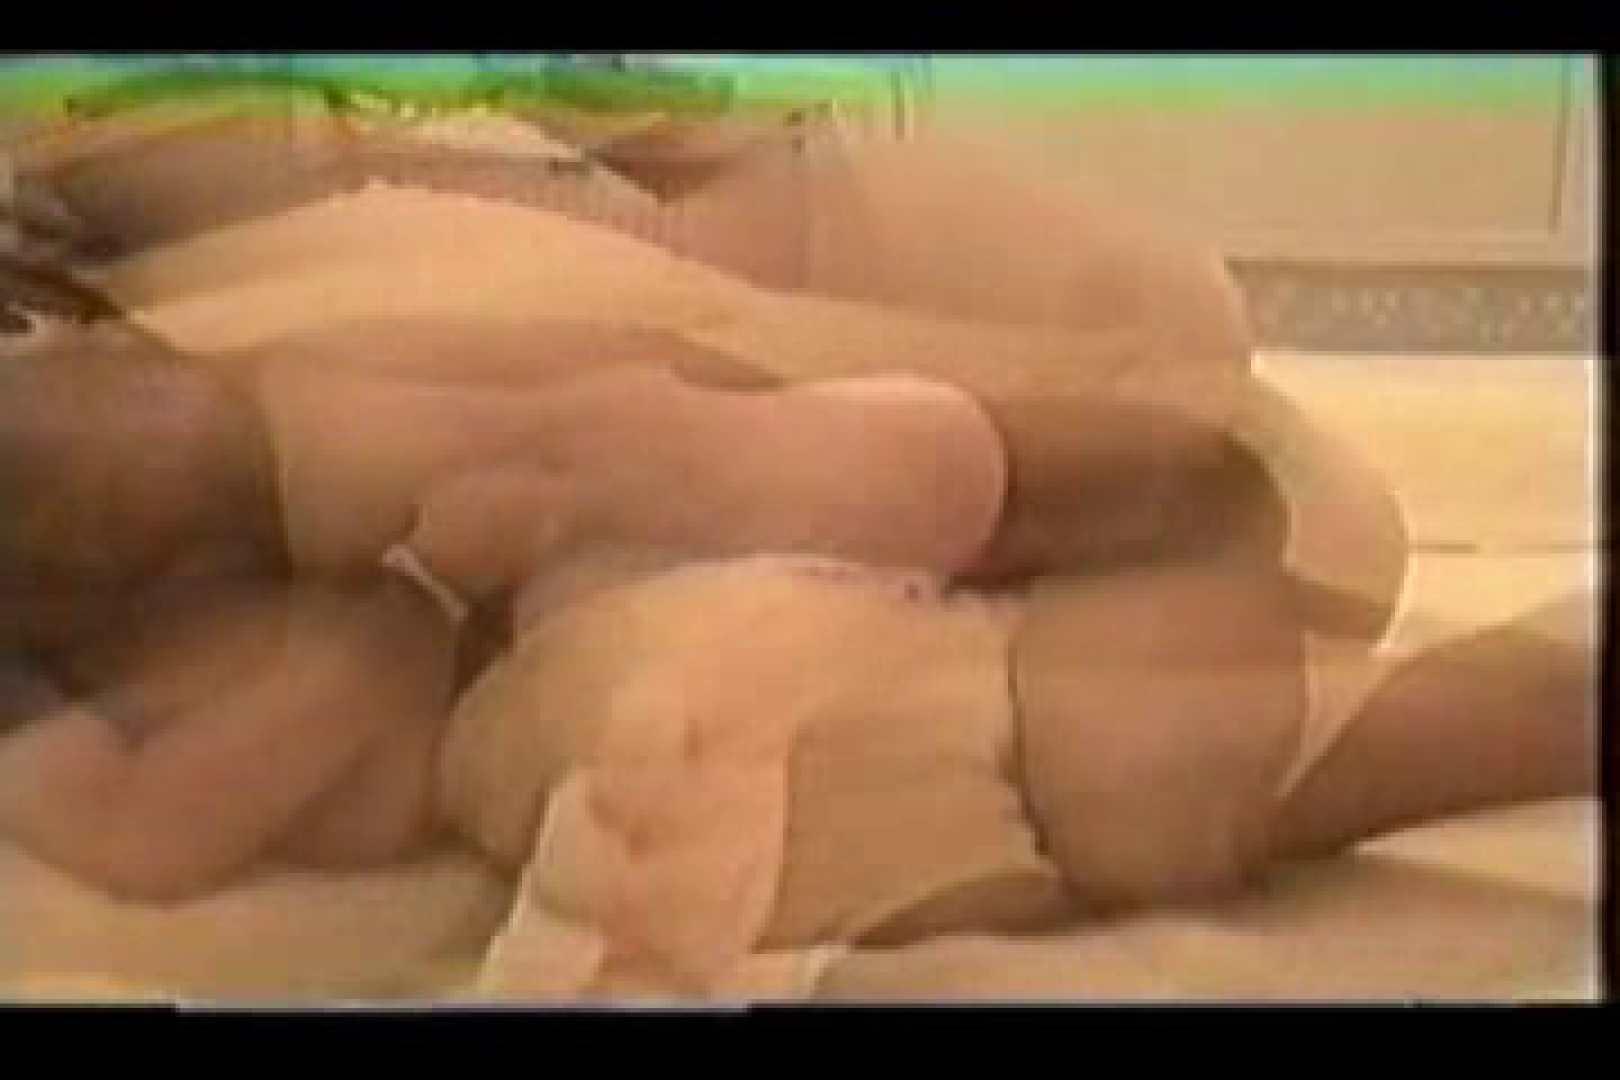 【個人買取】今週のお宝発見!往年の話題作!part.01 風呂天国 男同士画像 116枚 88